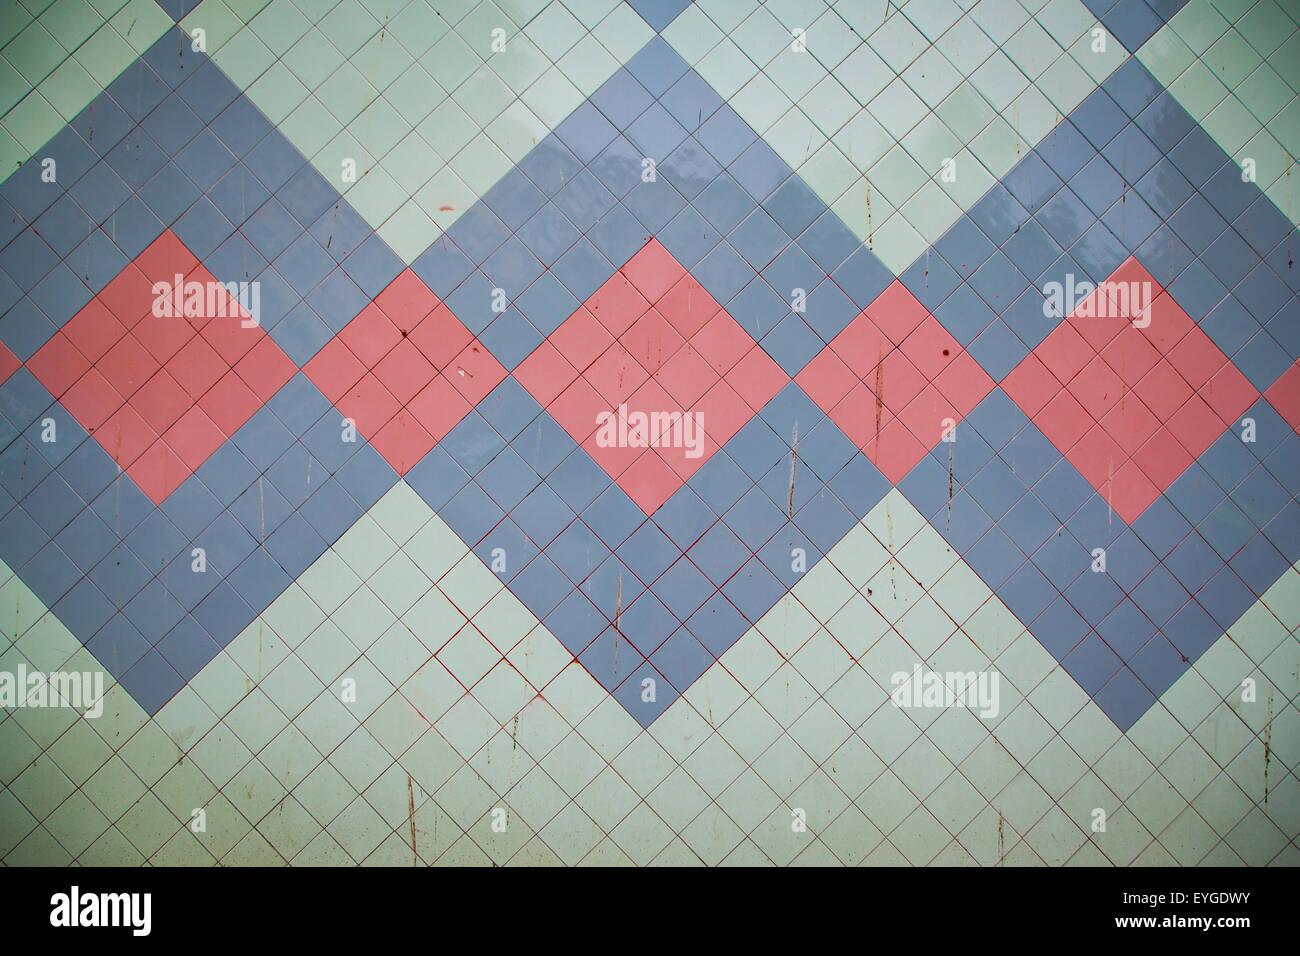 Antique Ceramic Tiles Stock Photos & Antique Ceramic Tiles Stock ...